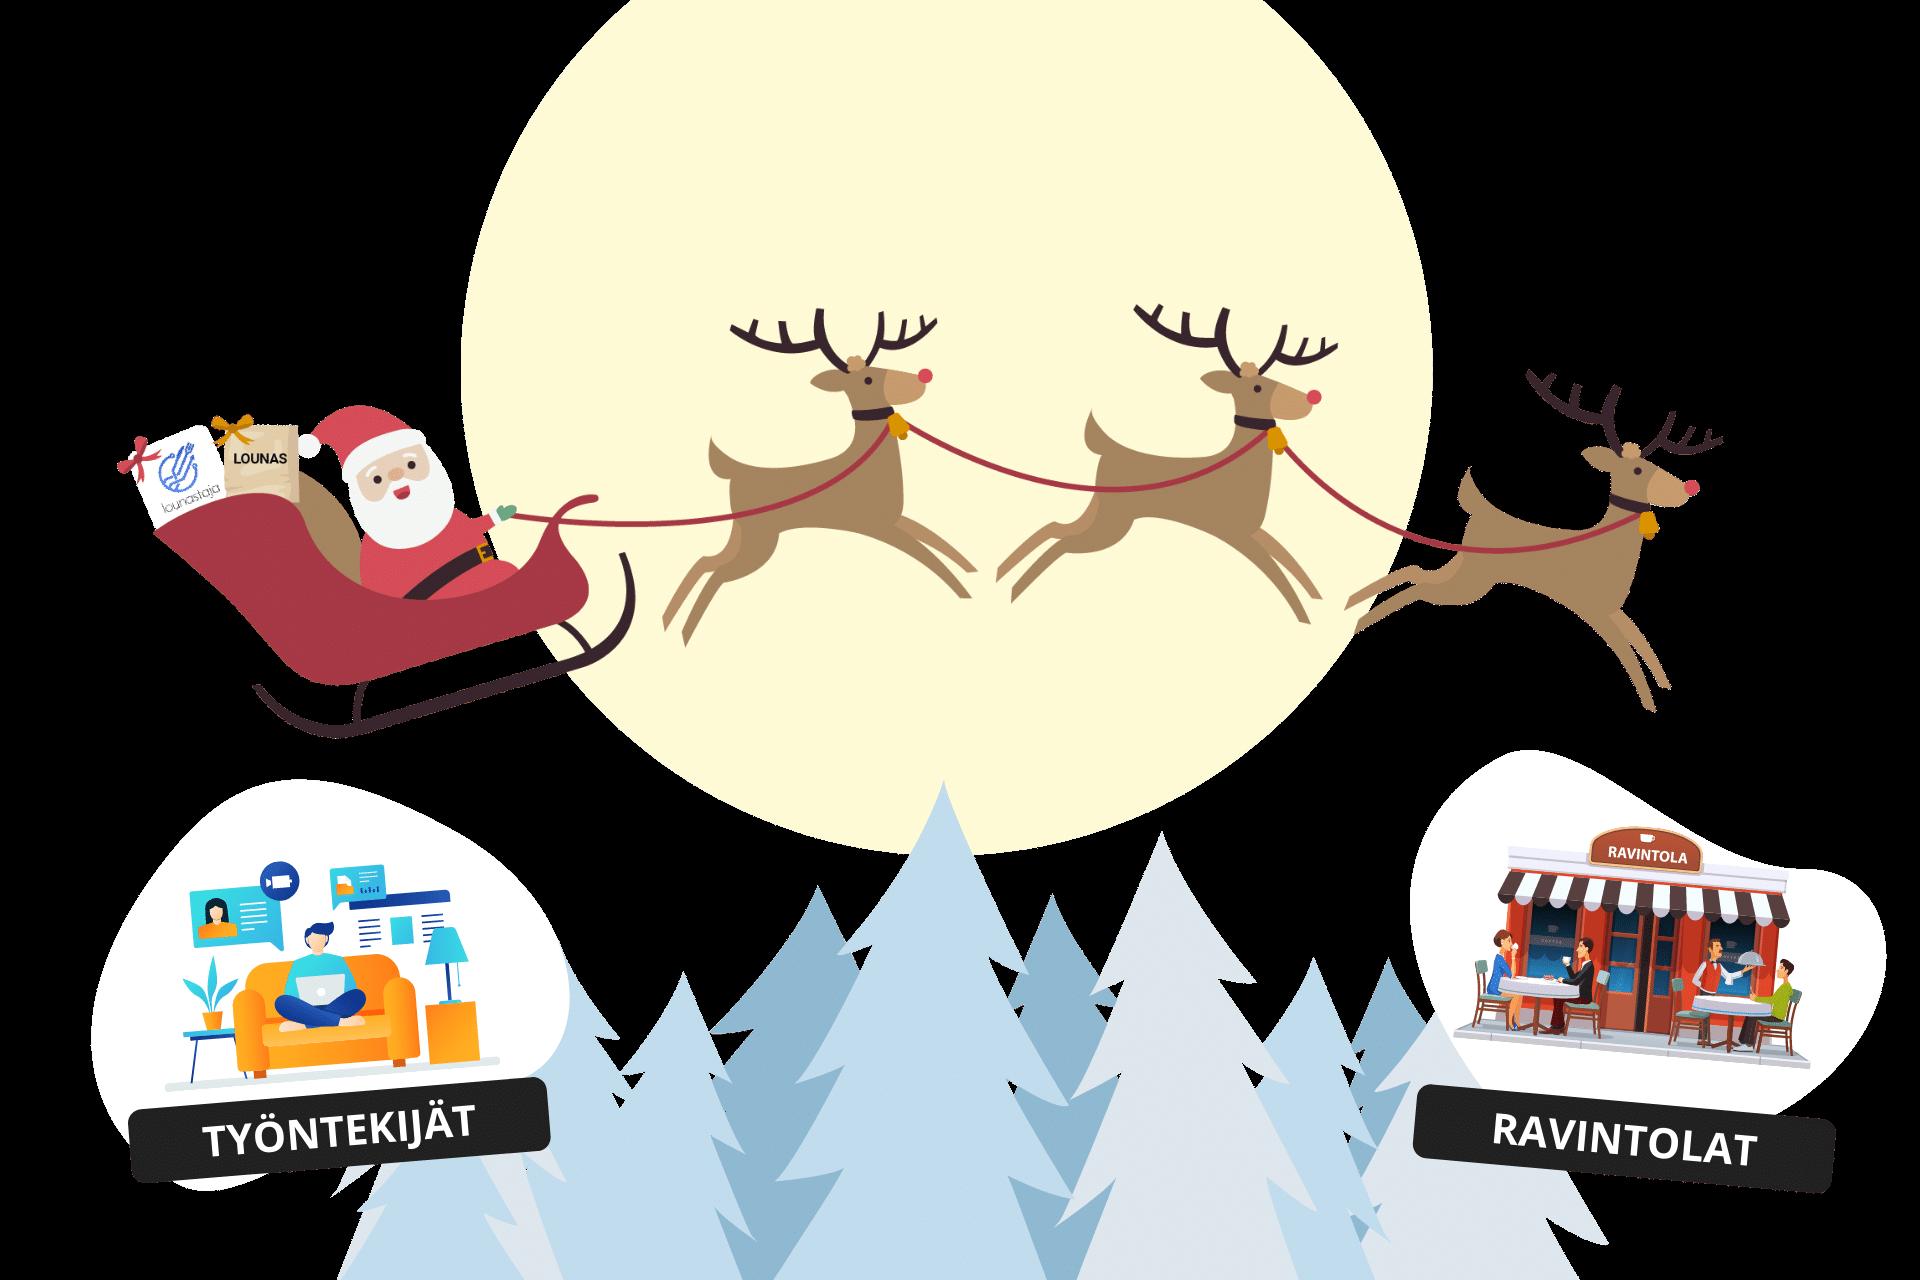 Joulutempaus grafiikka